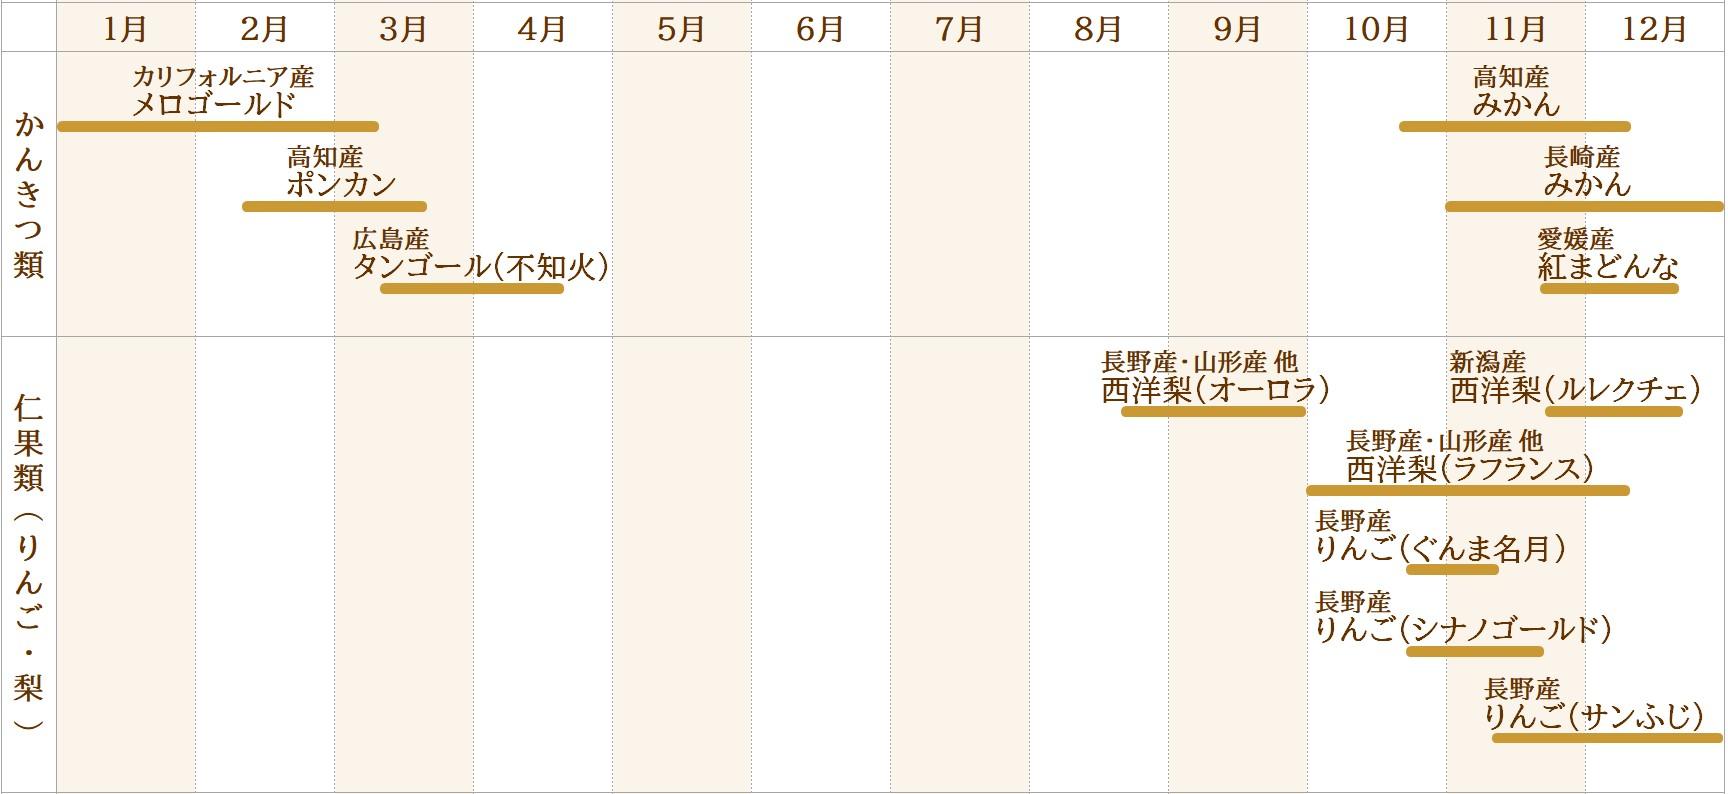 果物取り扱いカレンダー(かんきつ類・仁果類(りんご、梨))